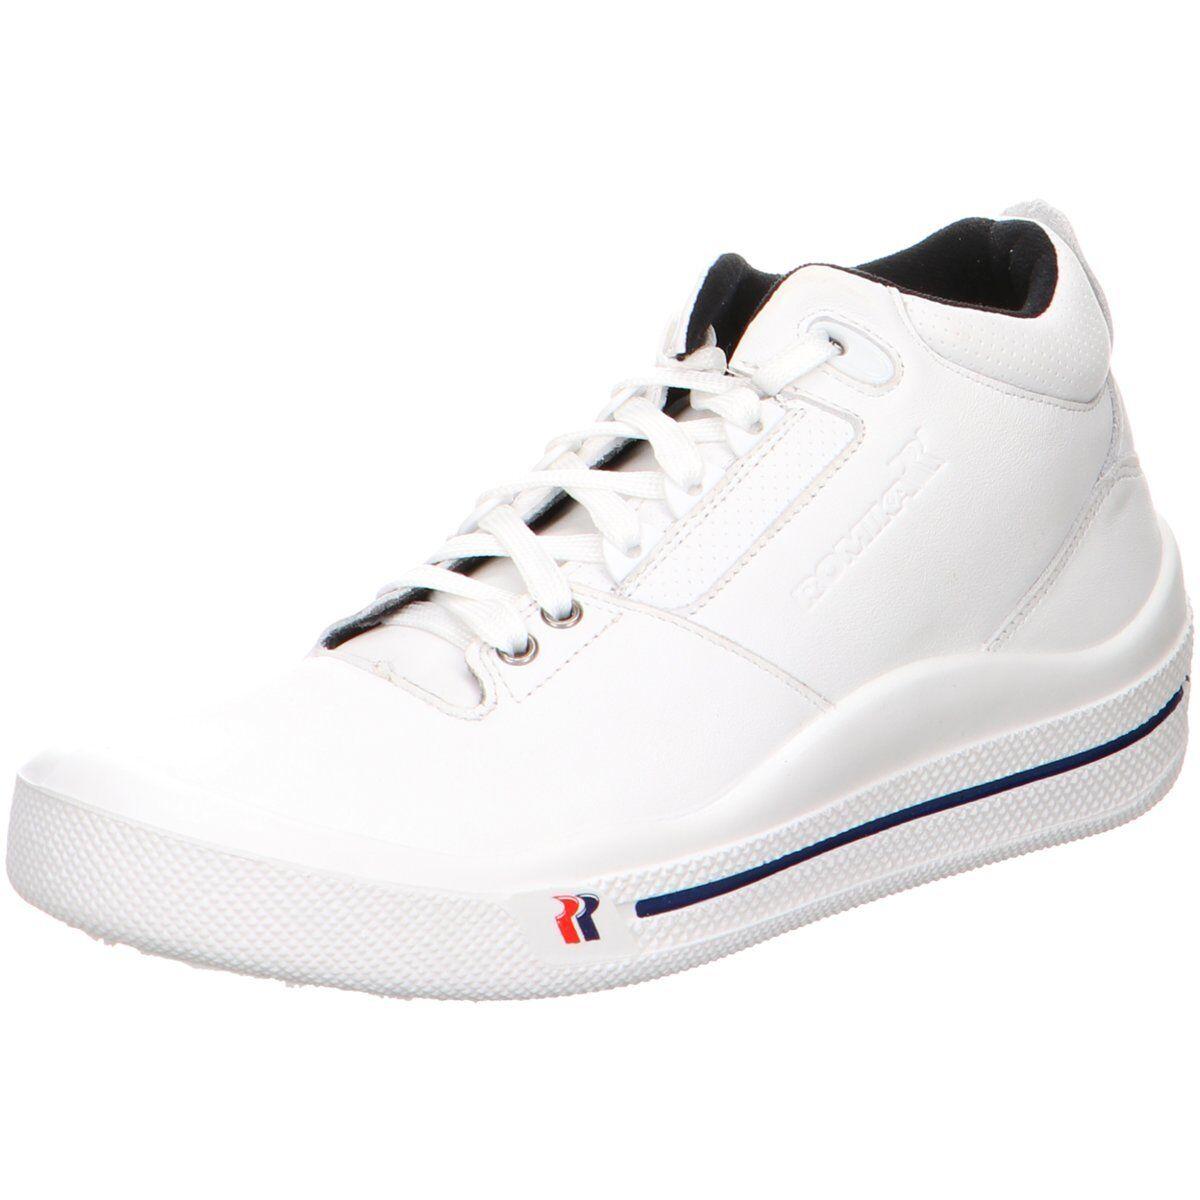 Romika Herren Turnschuhe Tennis Master 230 4103096 000 weiß 571793    | Hervorragende Eigenschaften